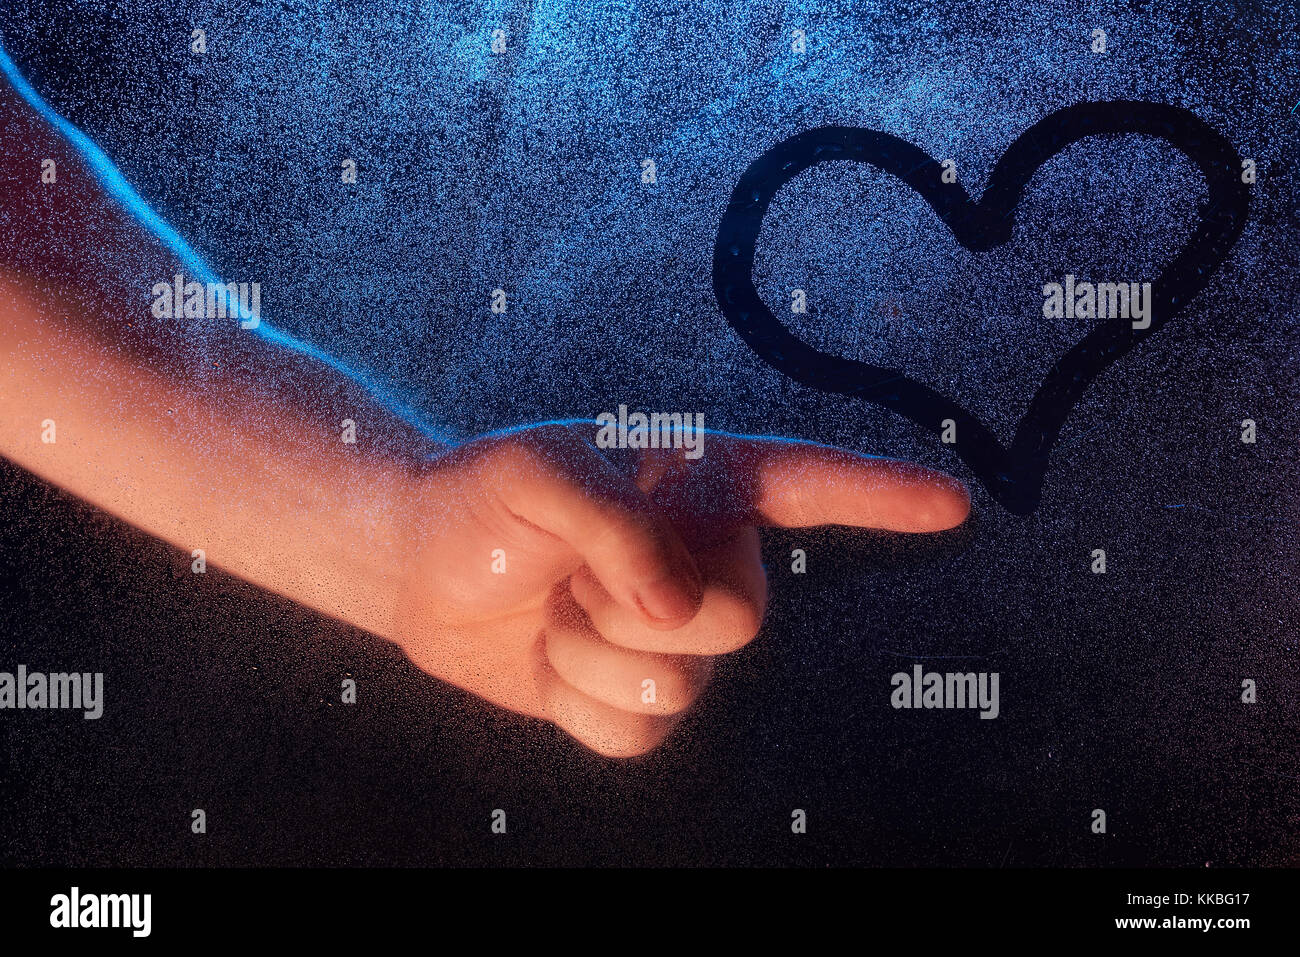 Nahaufnahme Des Menschen Hand Zeichnen Herz Auf Gefrorenen Fenster